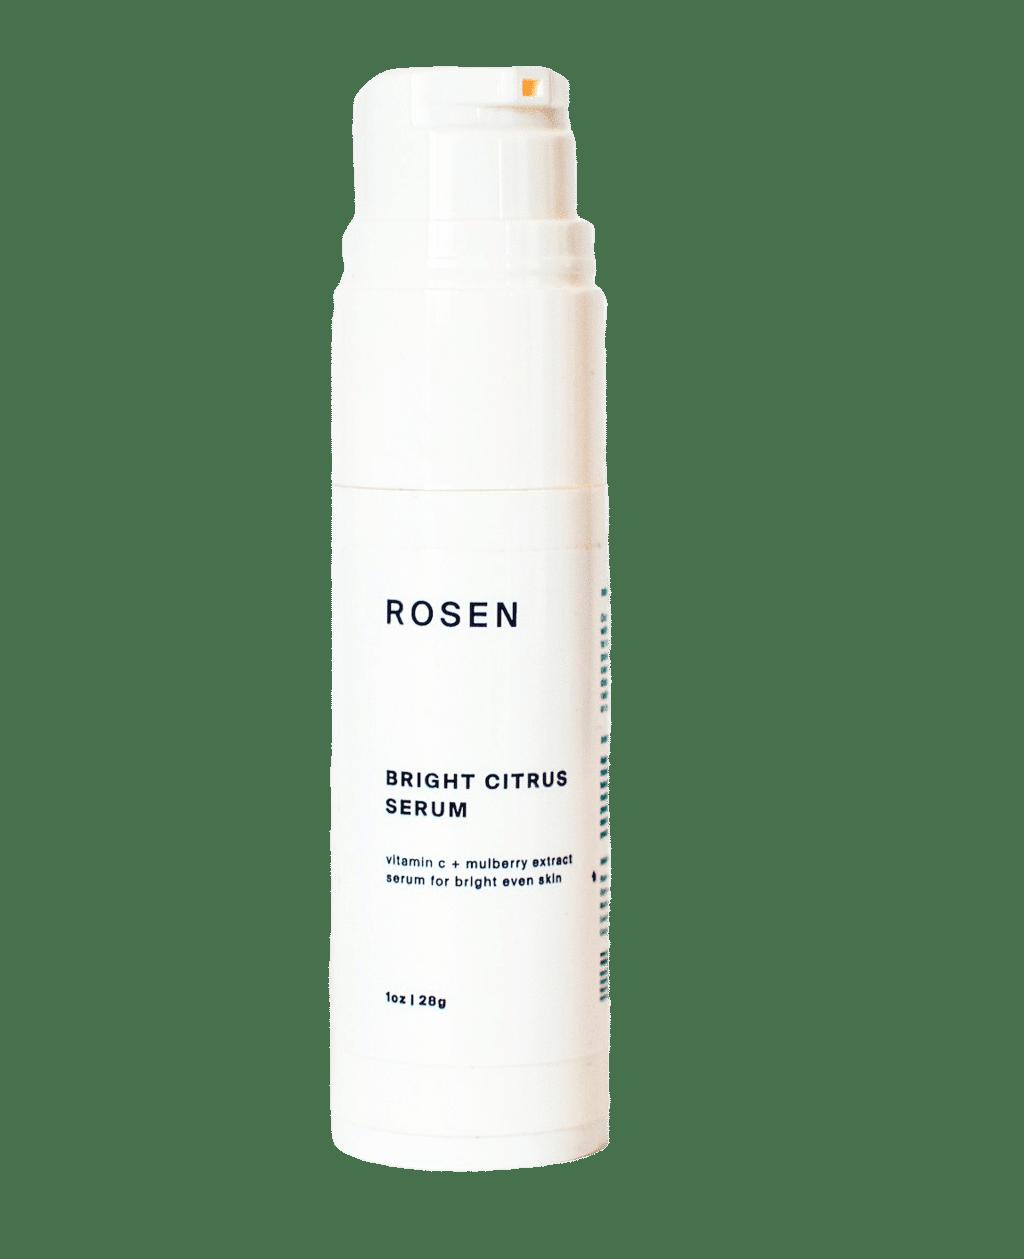 Rosen Skincare - Bright Citrus Serum /30ml